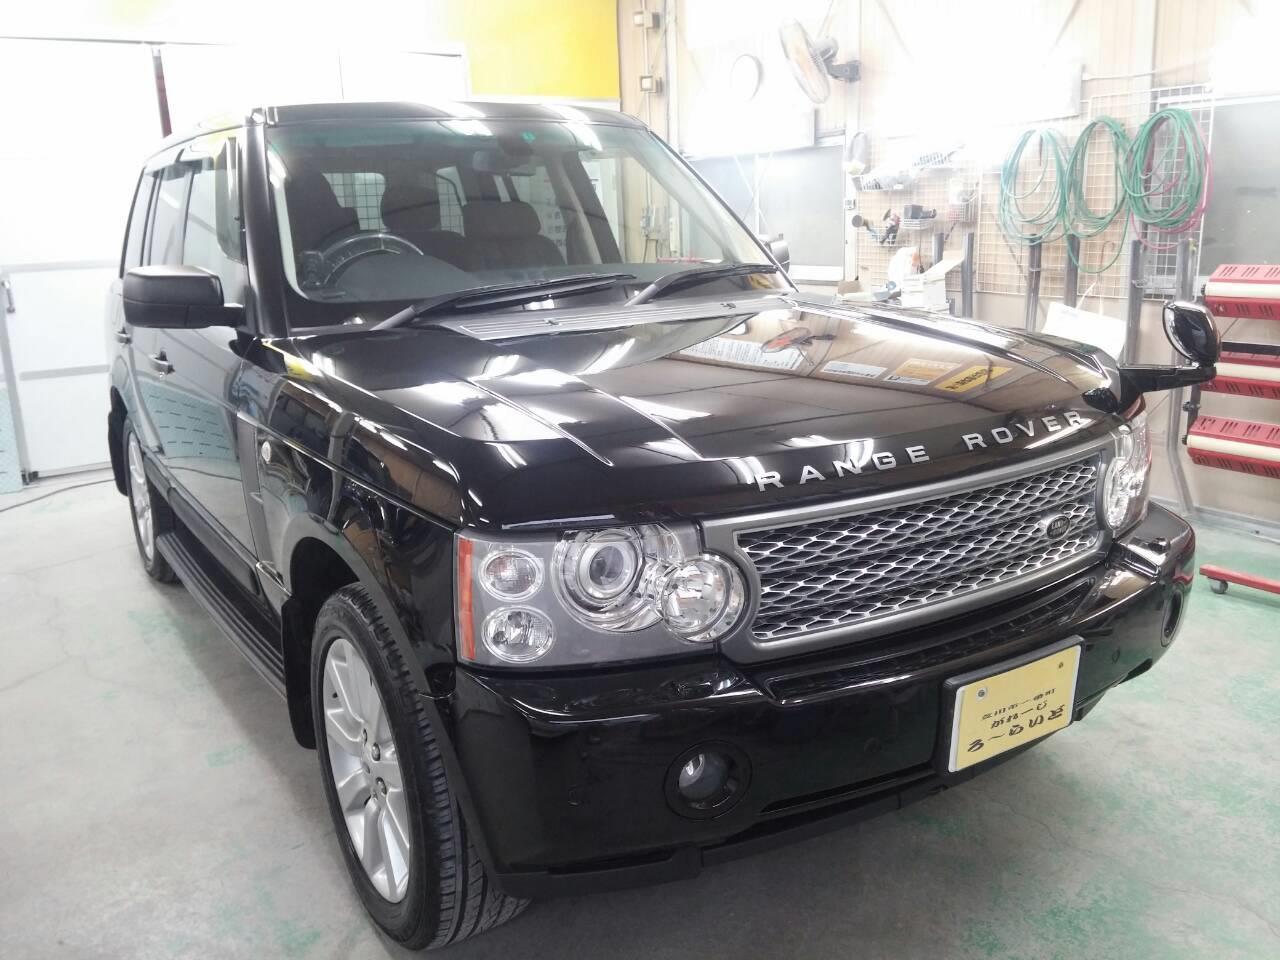 東京都立川市の車の板金塗装修理工場 ガレージローライドのランドローバー レンジローバー ヴォーグのボディー磨き&ジーゾックスリアルガラスコート艶プラス等施工です。